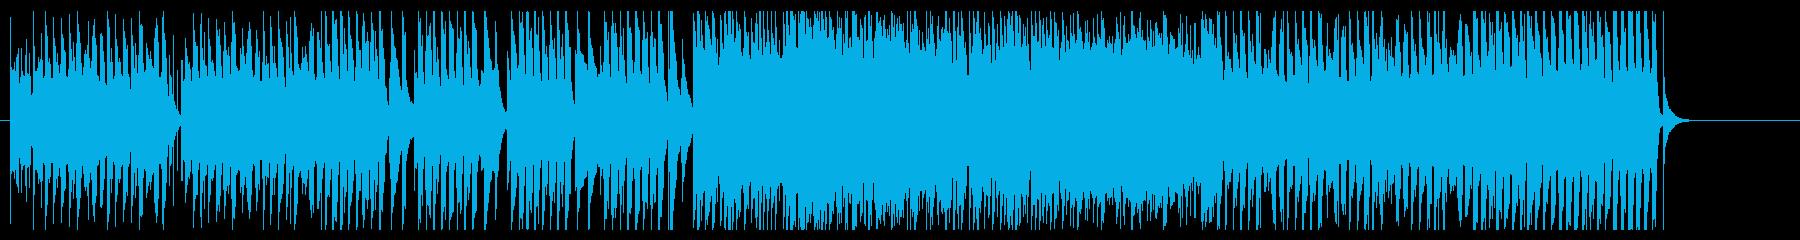 わやわやあわてる場面でのコミカルな曲の再生済みの波形